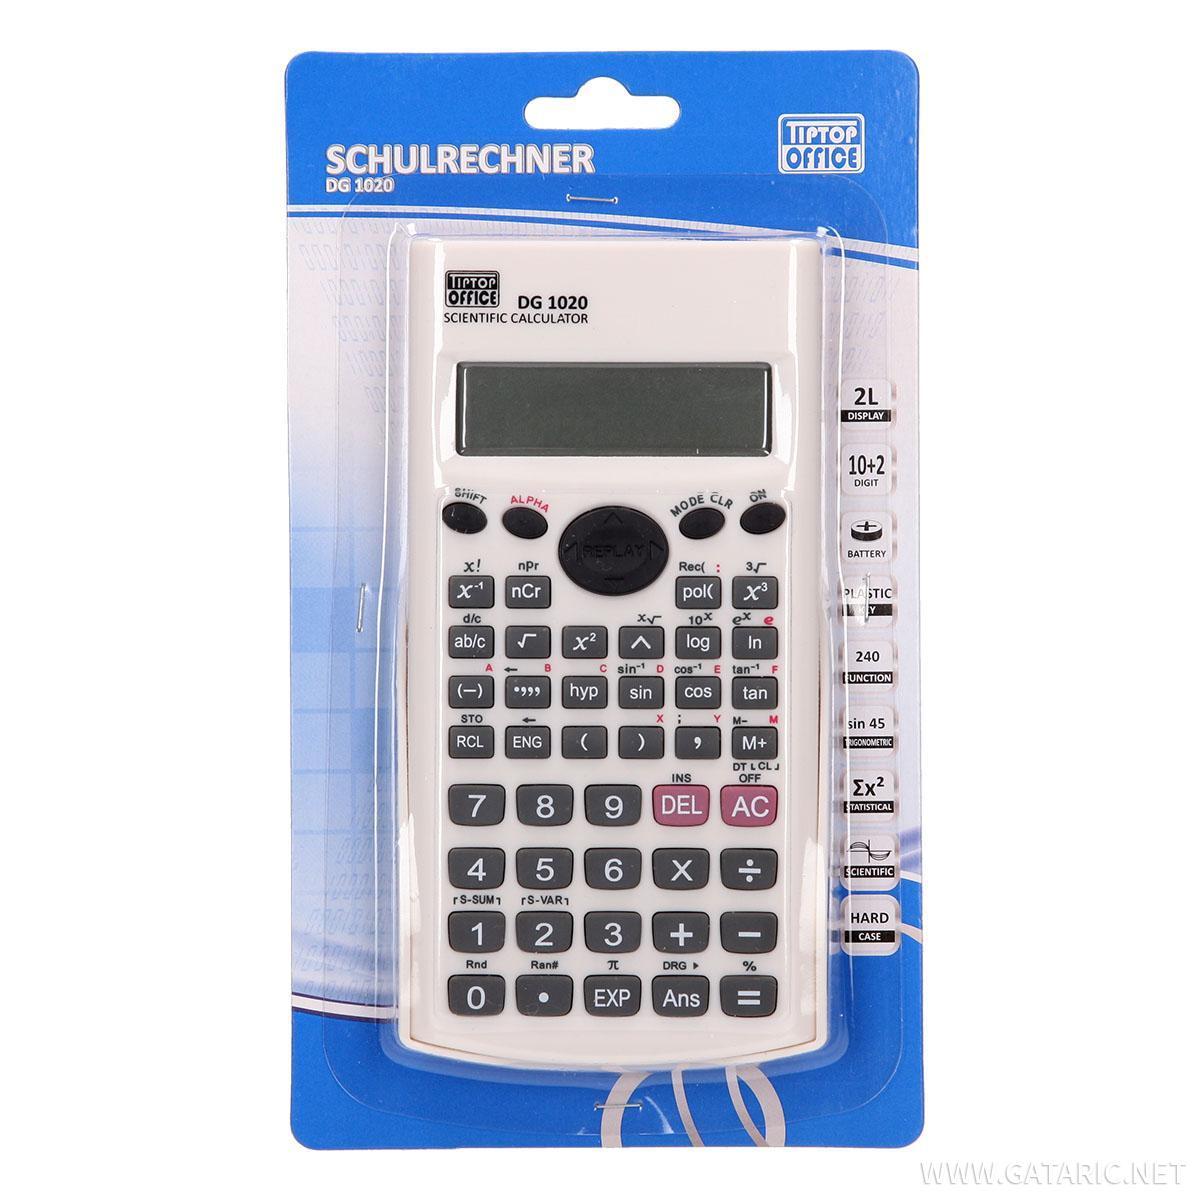 Školski digitron sa funkcijama DG-1020, 12 cifara